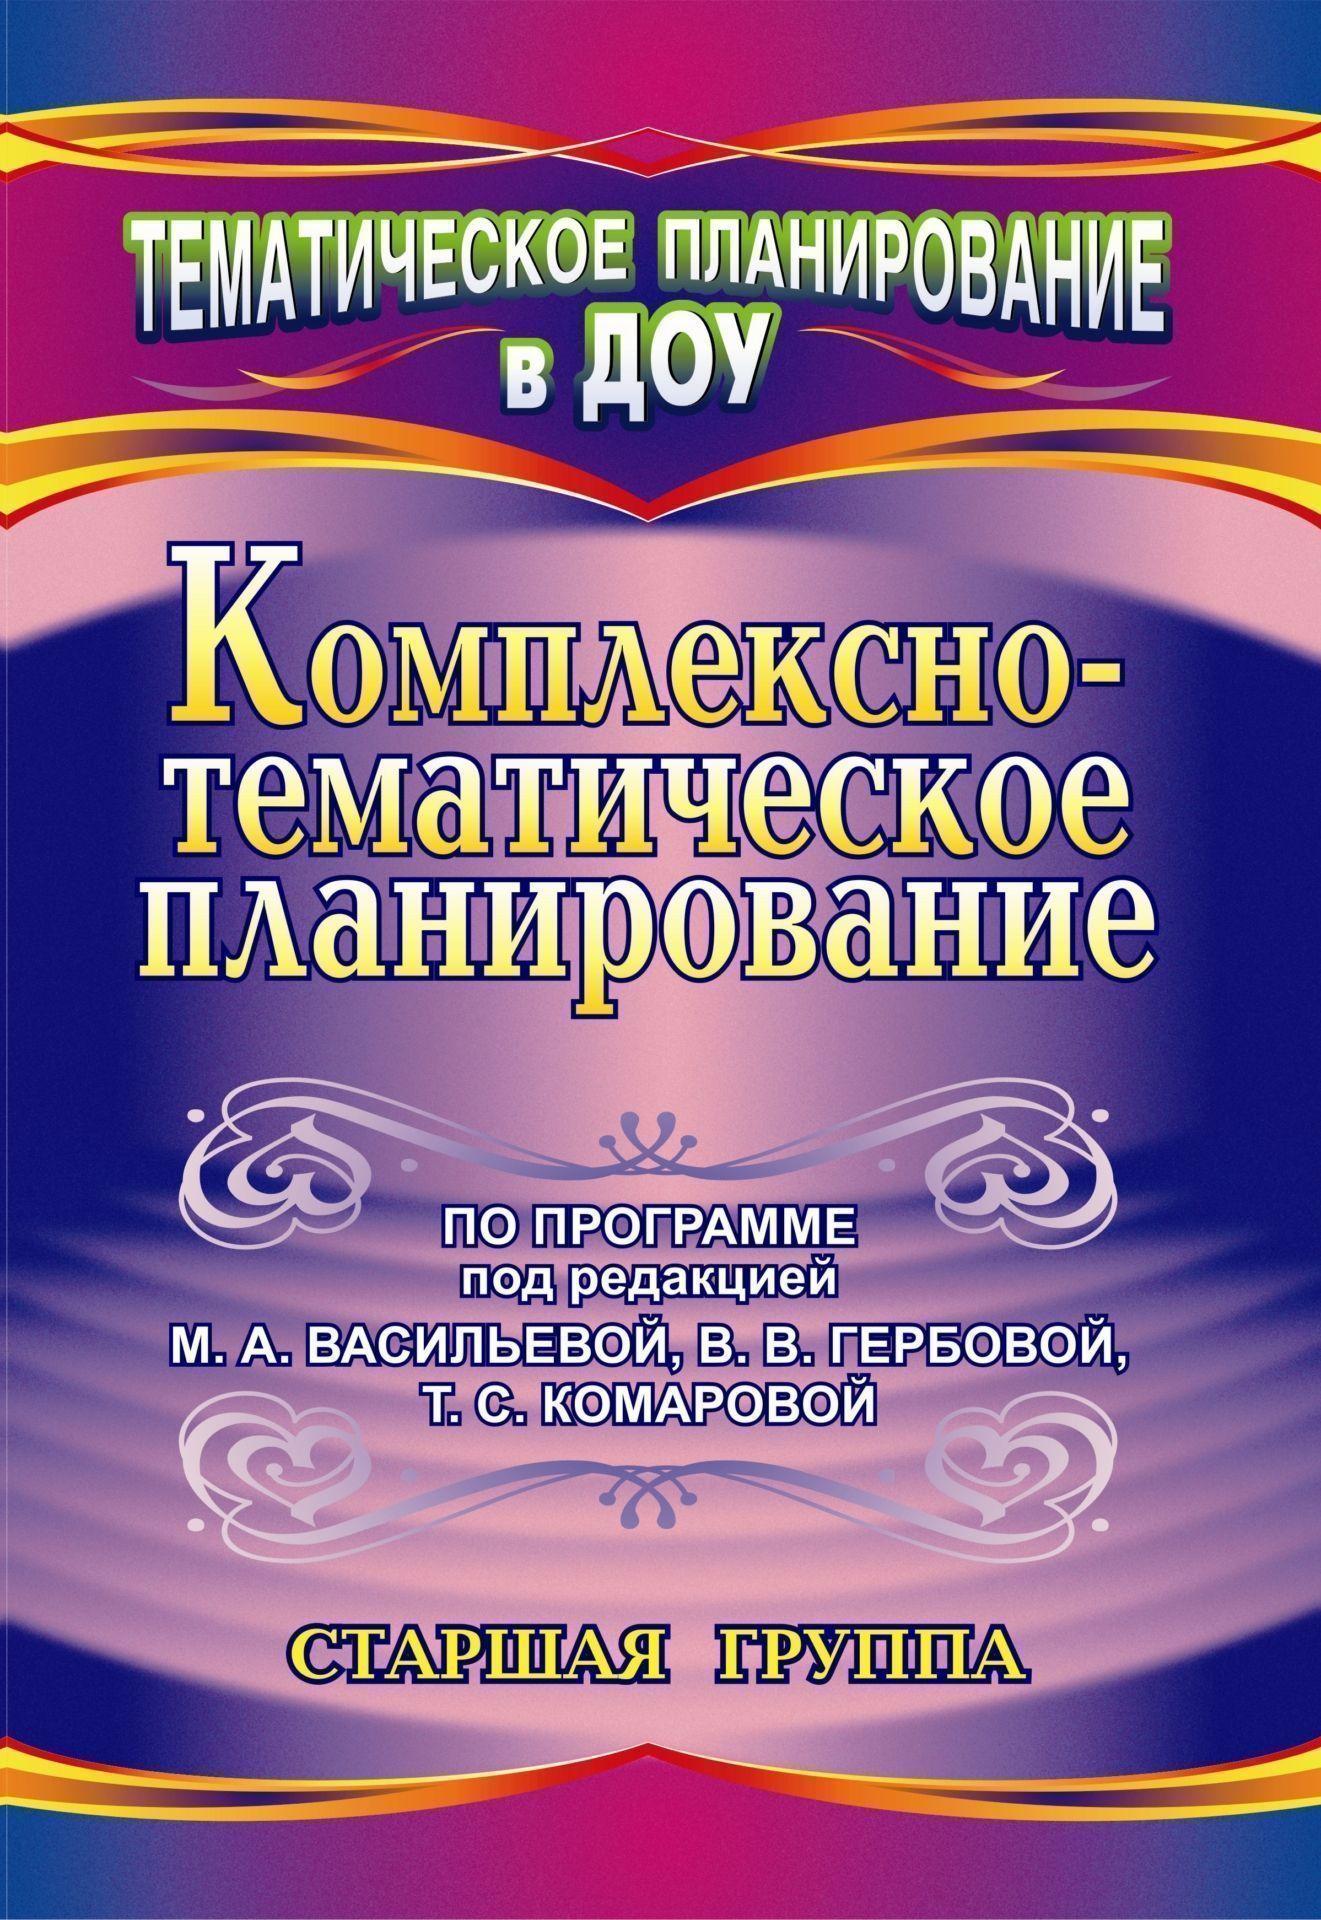 Купить со скидкой Комплексно-тематическое планирование по программе под редакцией М. А. Васильевой, В. В. Гербовой, Т.